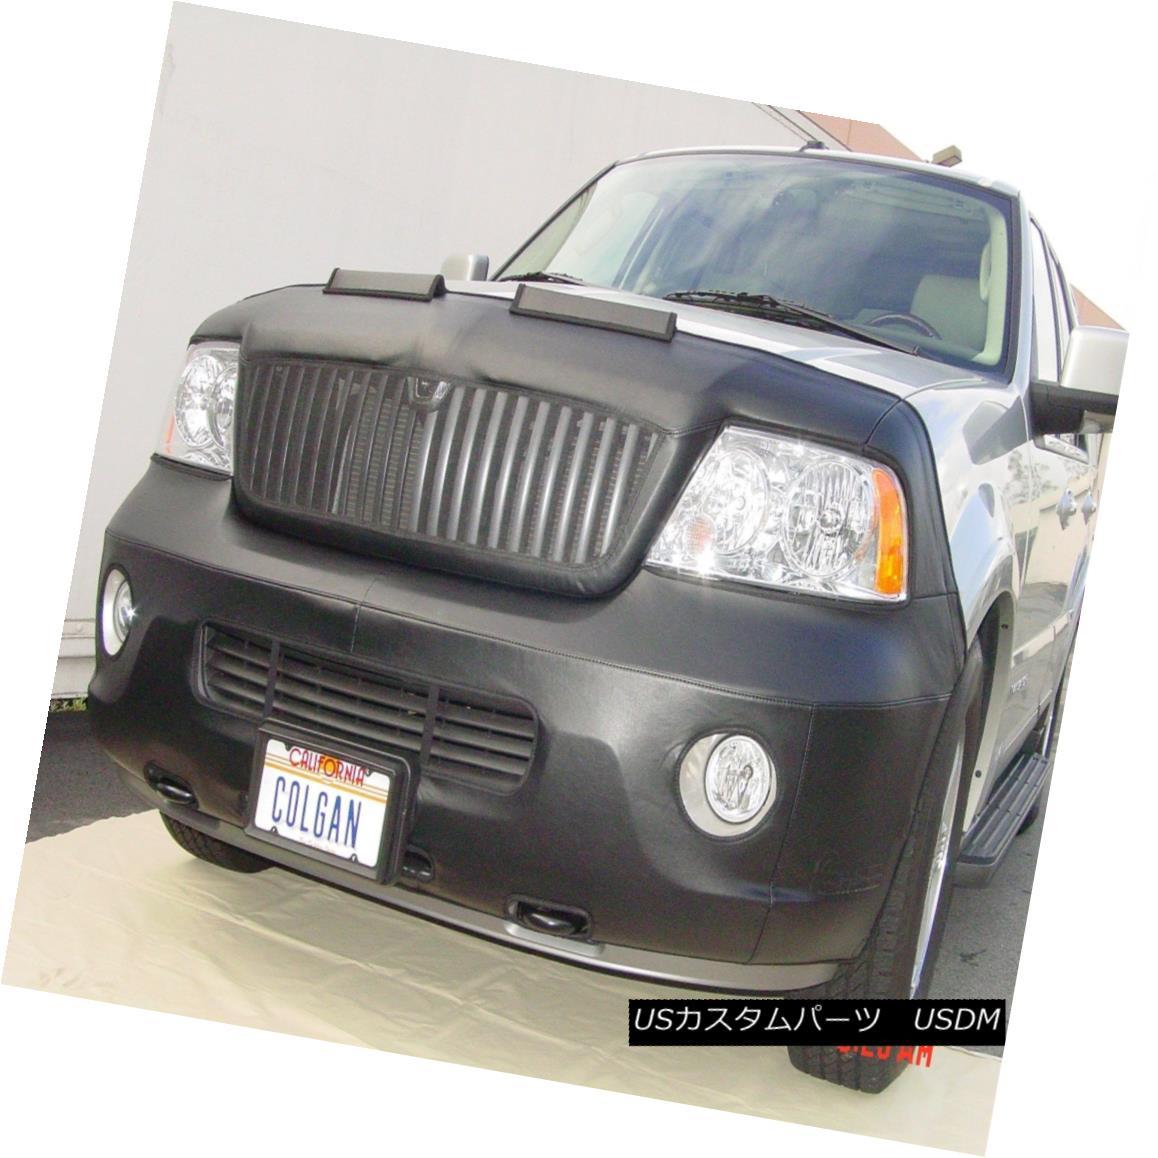 フルブラ ノーズブラ Colgan Front End Mask Bra 2pc. Fits Lincoln Navigator 2003-2004 With Front Tag コルガンフロントエンドマスクブラ2pc Lincoln Navigator 2003-2004のフロントタグ付き